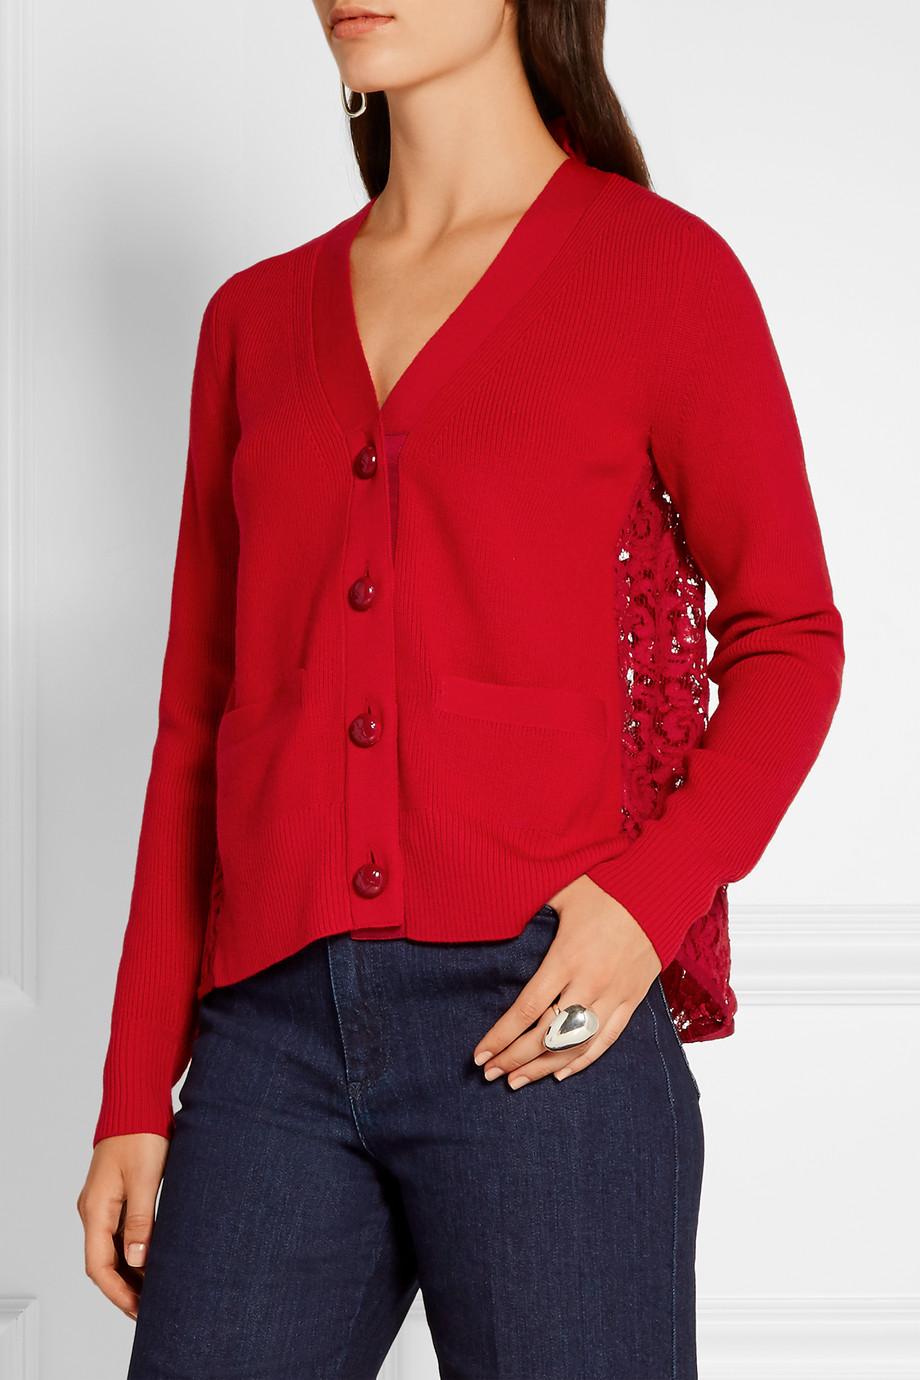 Sacai Lace-Paneled Wool Cardigan, Size: 4